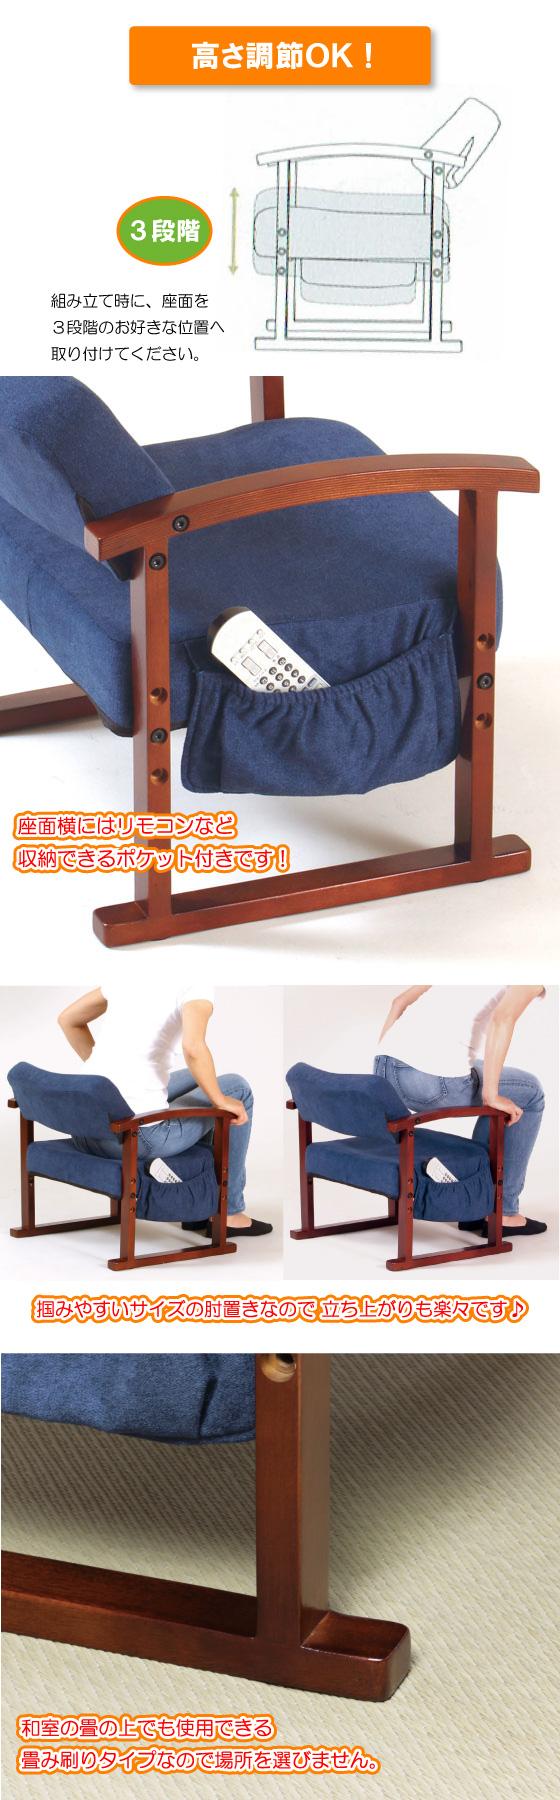 畳にも使用可能!コンパクト座椅子